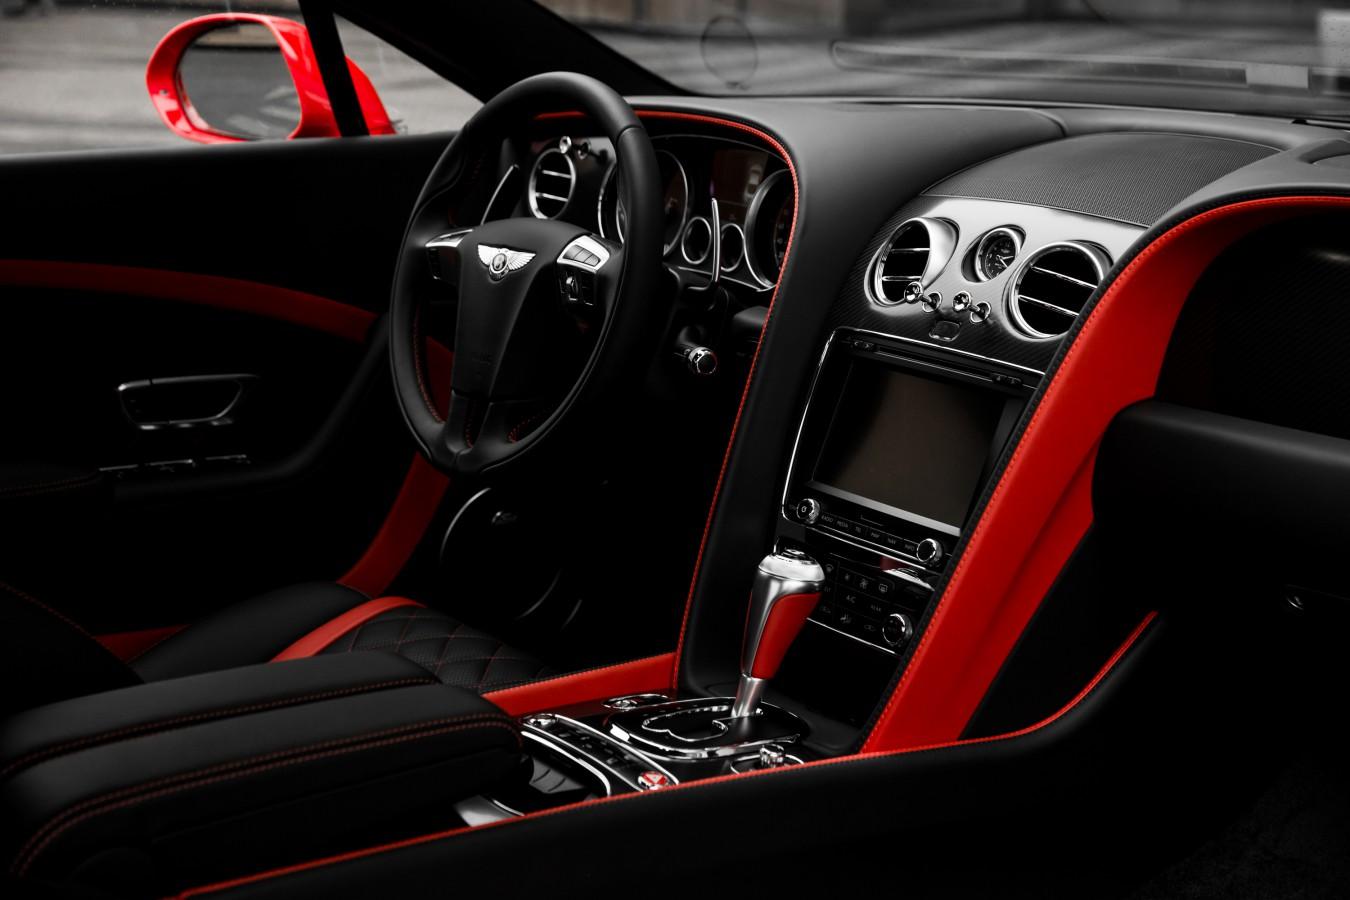 ОБНОВЛЕННЫЙ CONTINENTAL GT SPEED В ЭКСКЛЮЗИВНОЙ МОДИФИКАЦИИ BLACK EDITION - изображение NICK8735 на Bentleymoscow.ru!